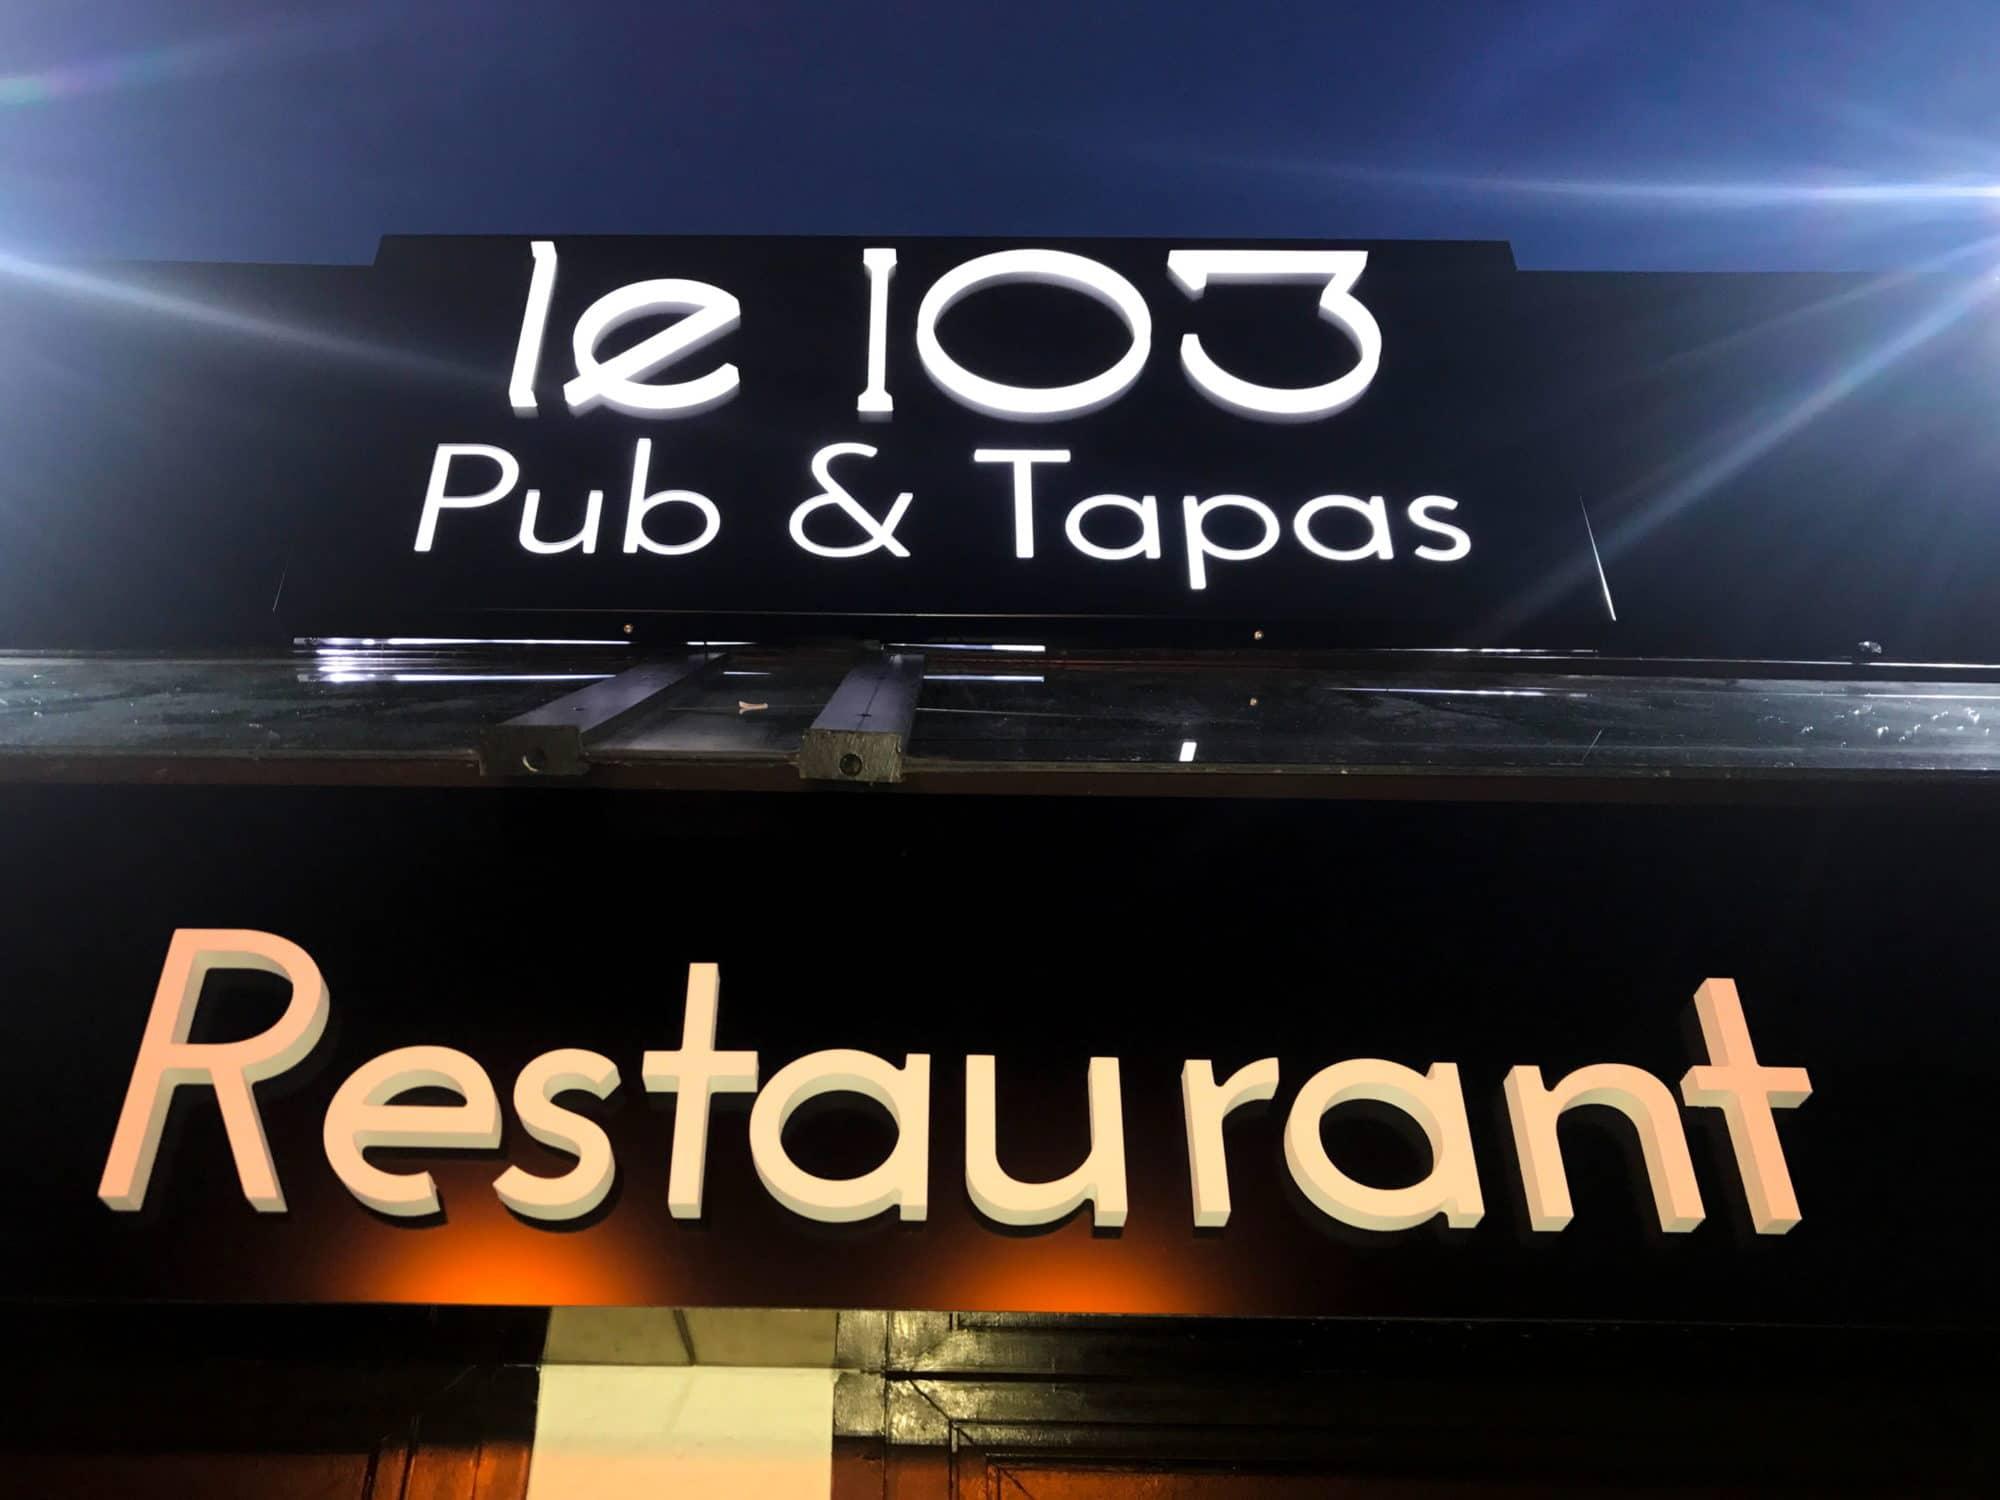 enseigne Toulouse magasin enseigne et signalétique - marquage vitrine - adhésif vitrine - Enseigne lumineuse - Enseigne restaurant bar enseigne led enseigne lumineuse Toulouse et midi-pyrennées enseigniste Toulouse